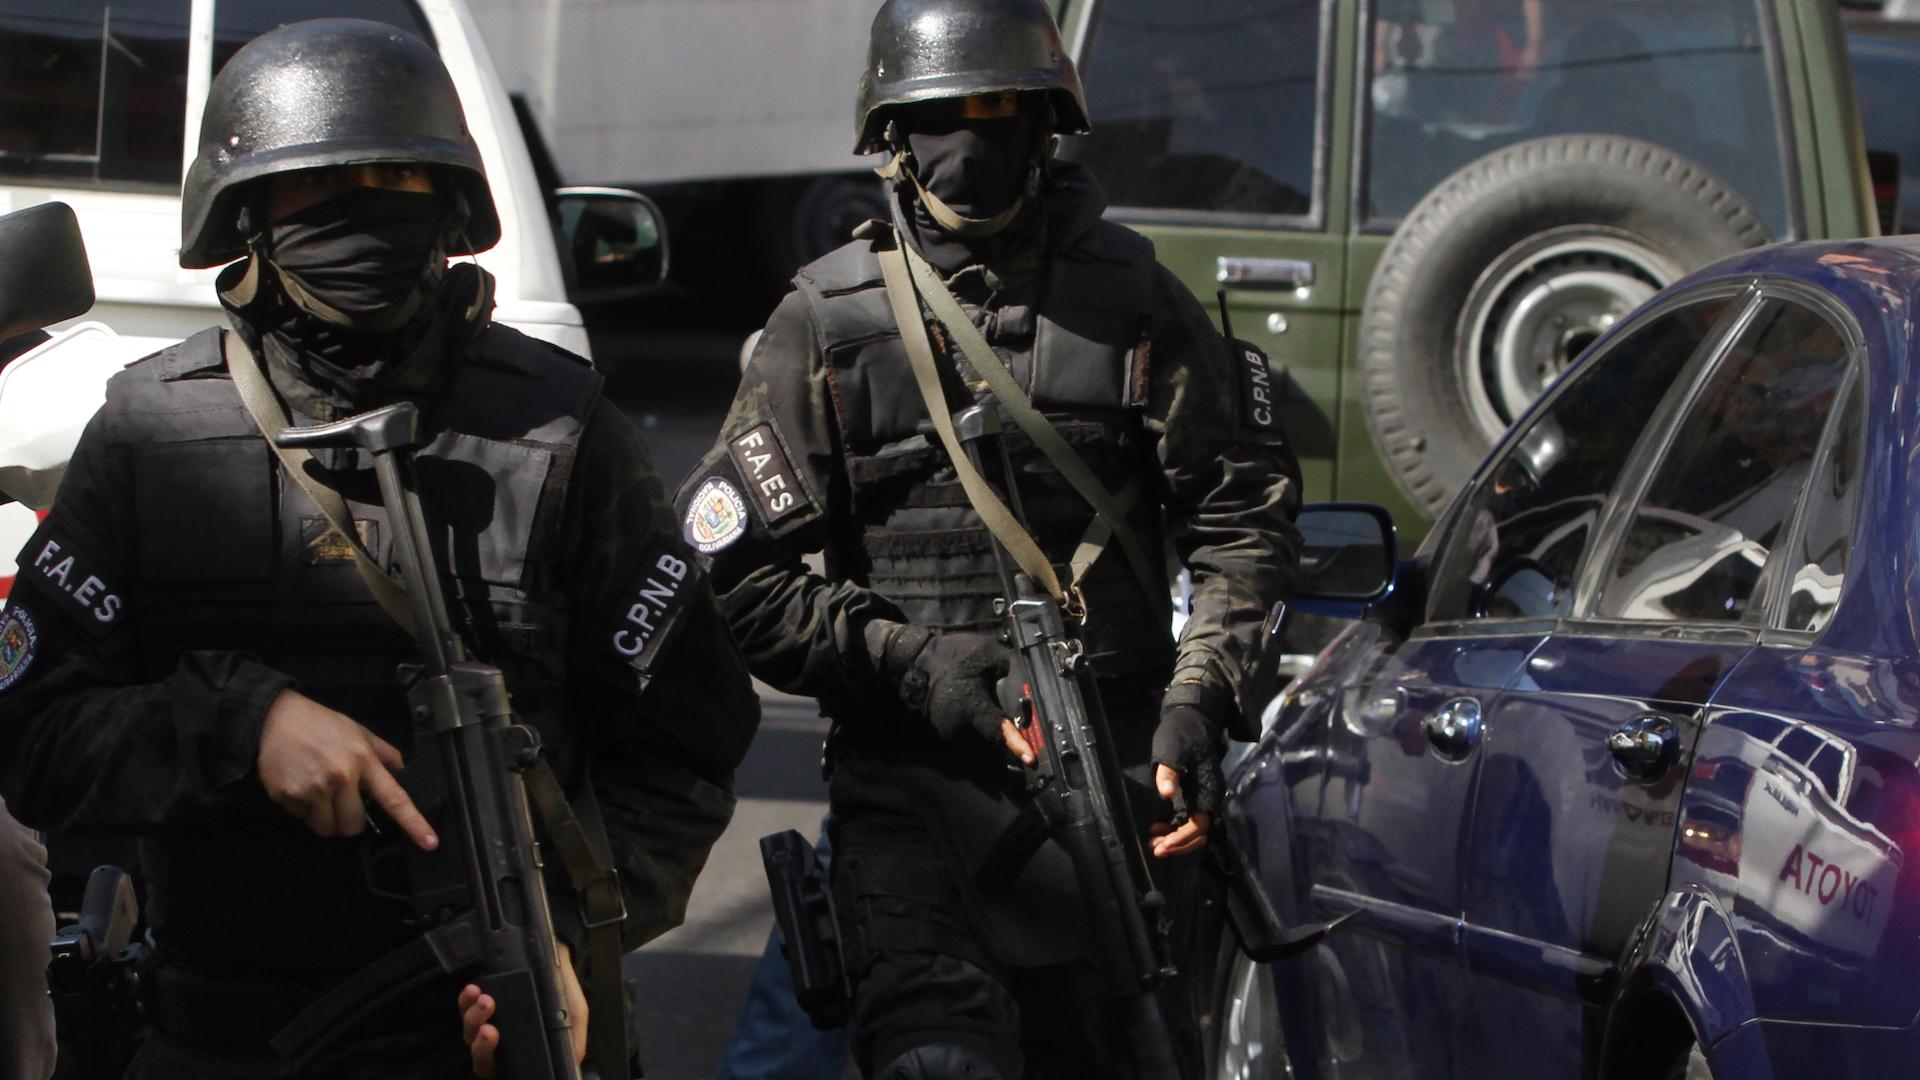 6 personas fueron detenidas por las FAES en la urbanización Sucre el #20May